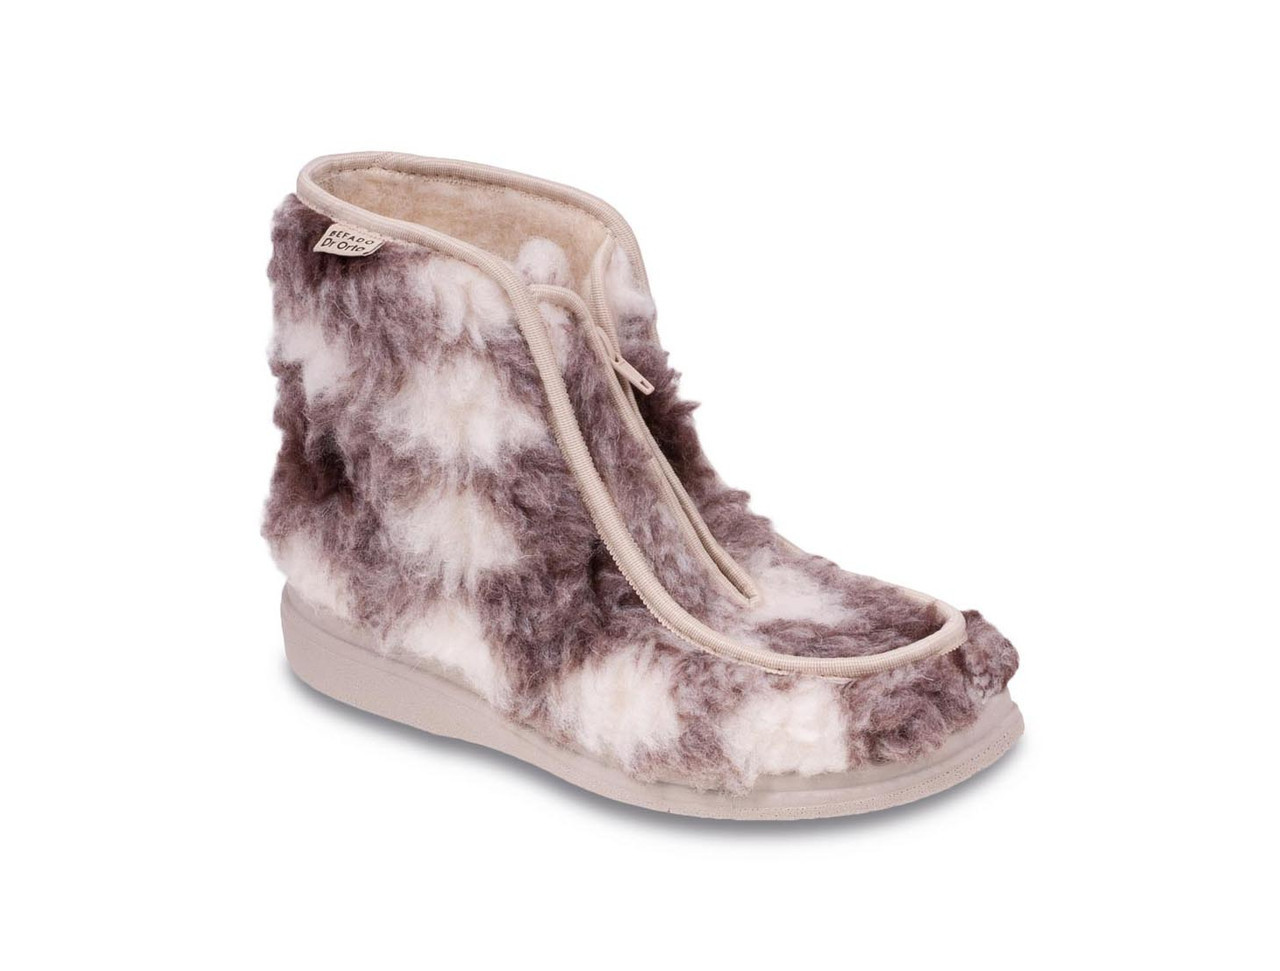 Зимние ботинки диабетические, для проблемных ног мужские DrOrto 996 M 009 Ботинки, Молния, 44, Зима, Диабетическая, При синдроме диабетической стопы